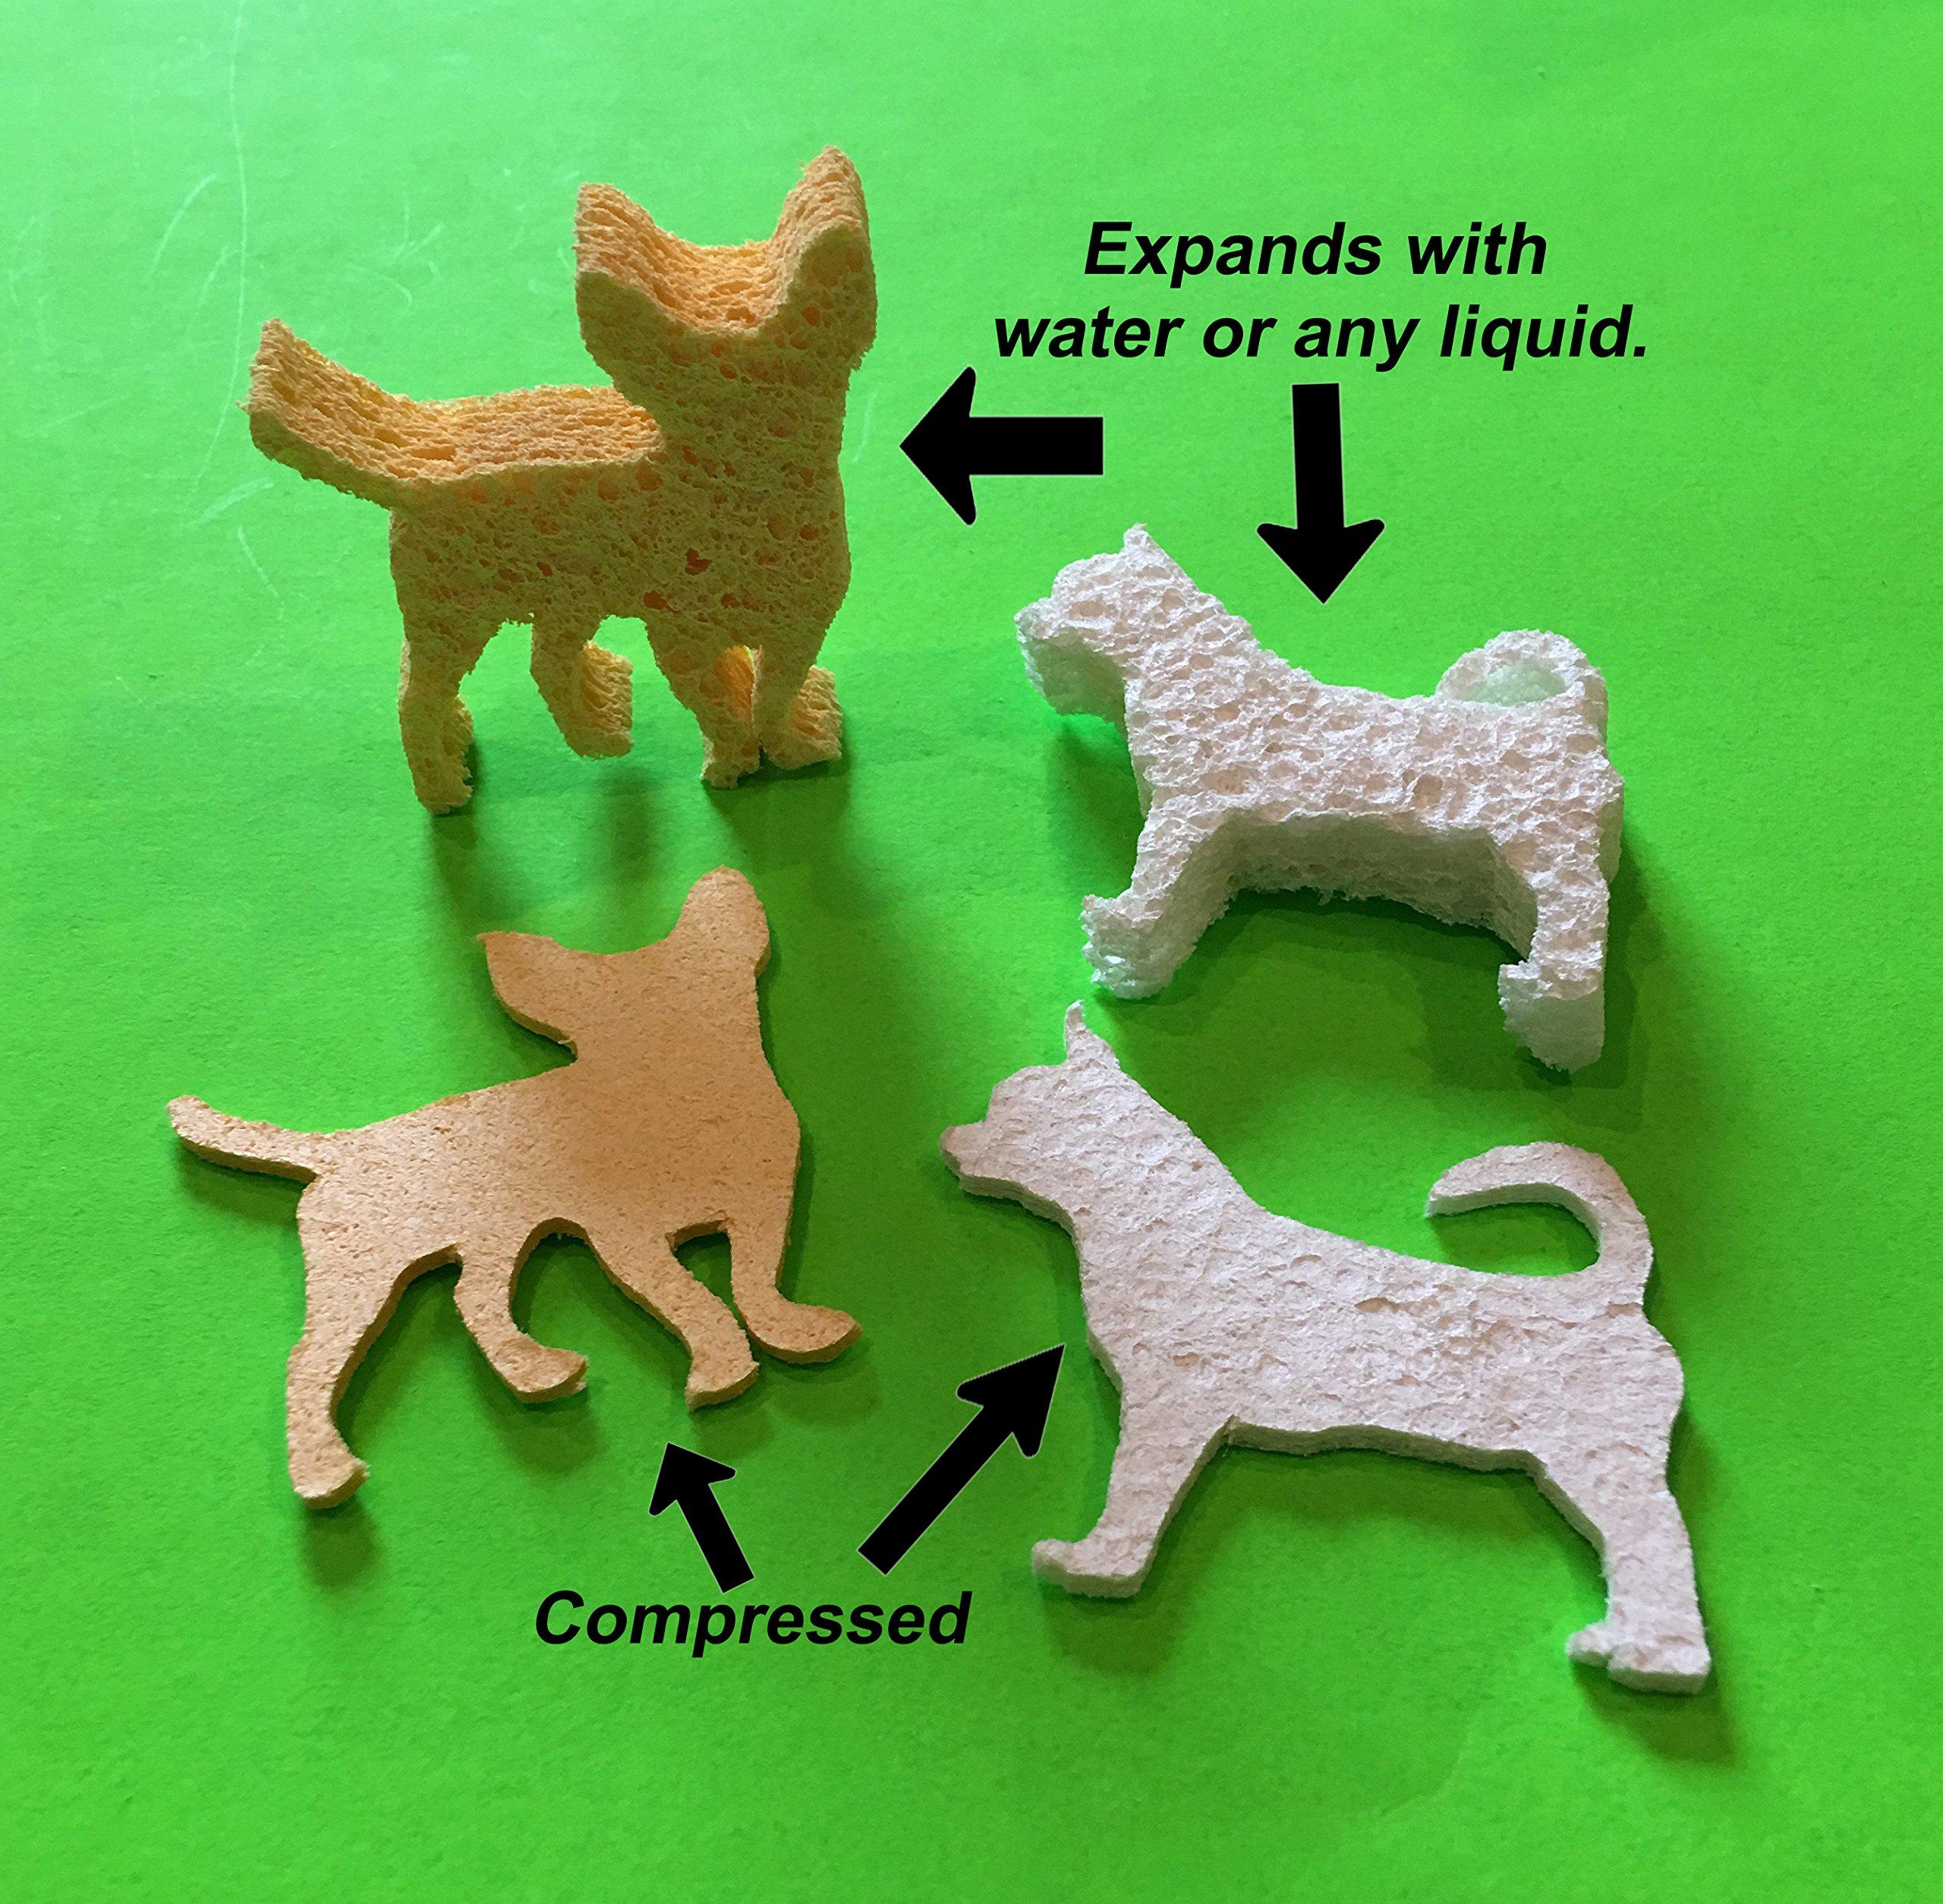 Chihuahua Compressed Sponges -2 Varieties - Pack of 12